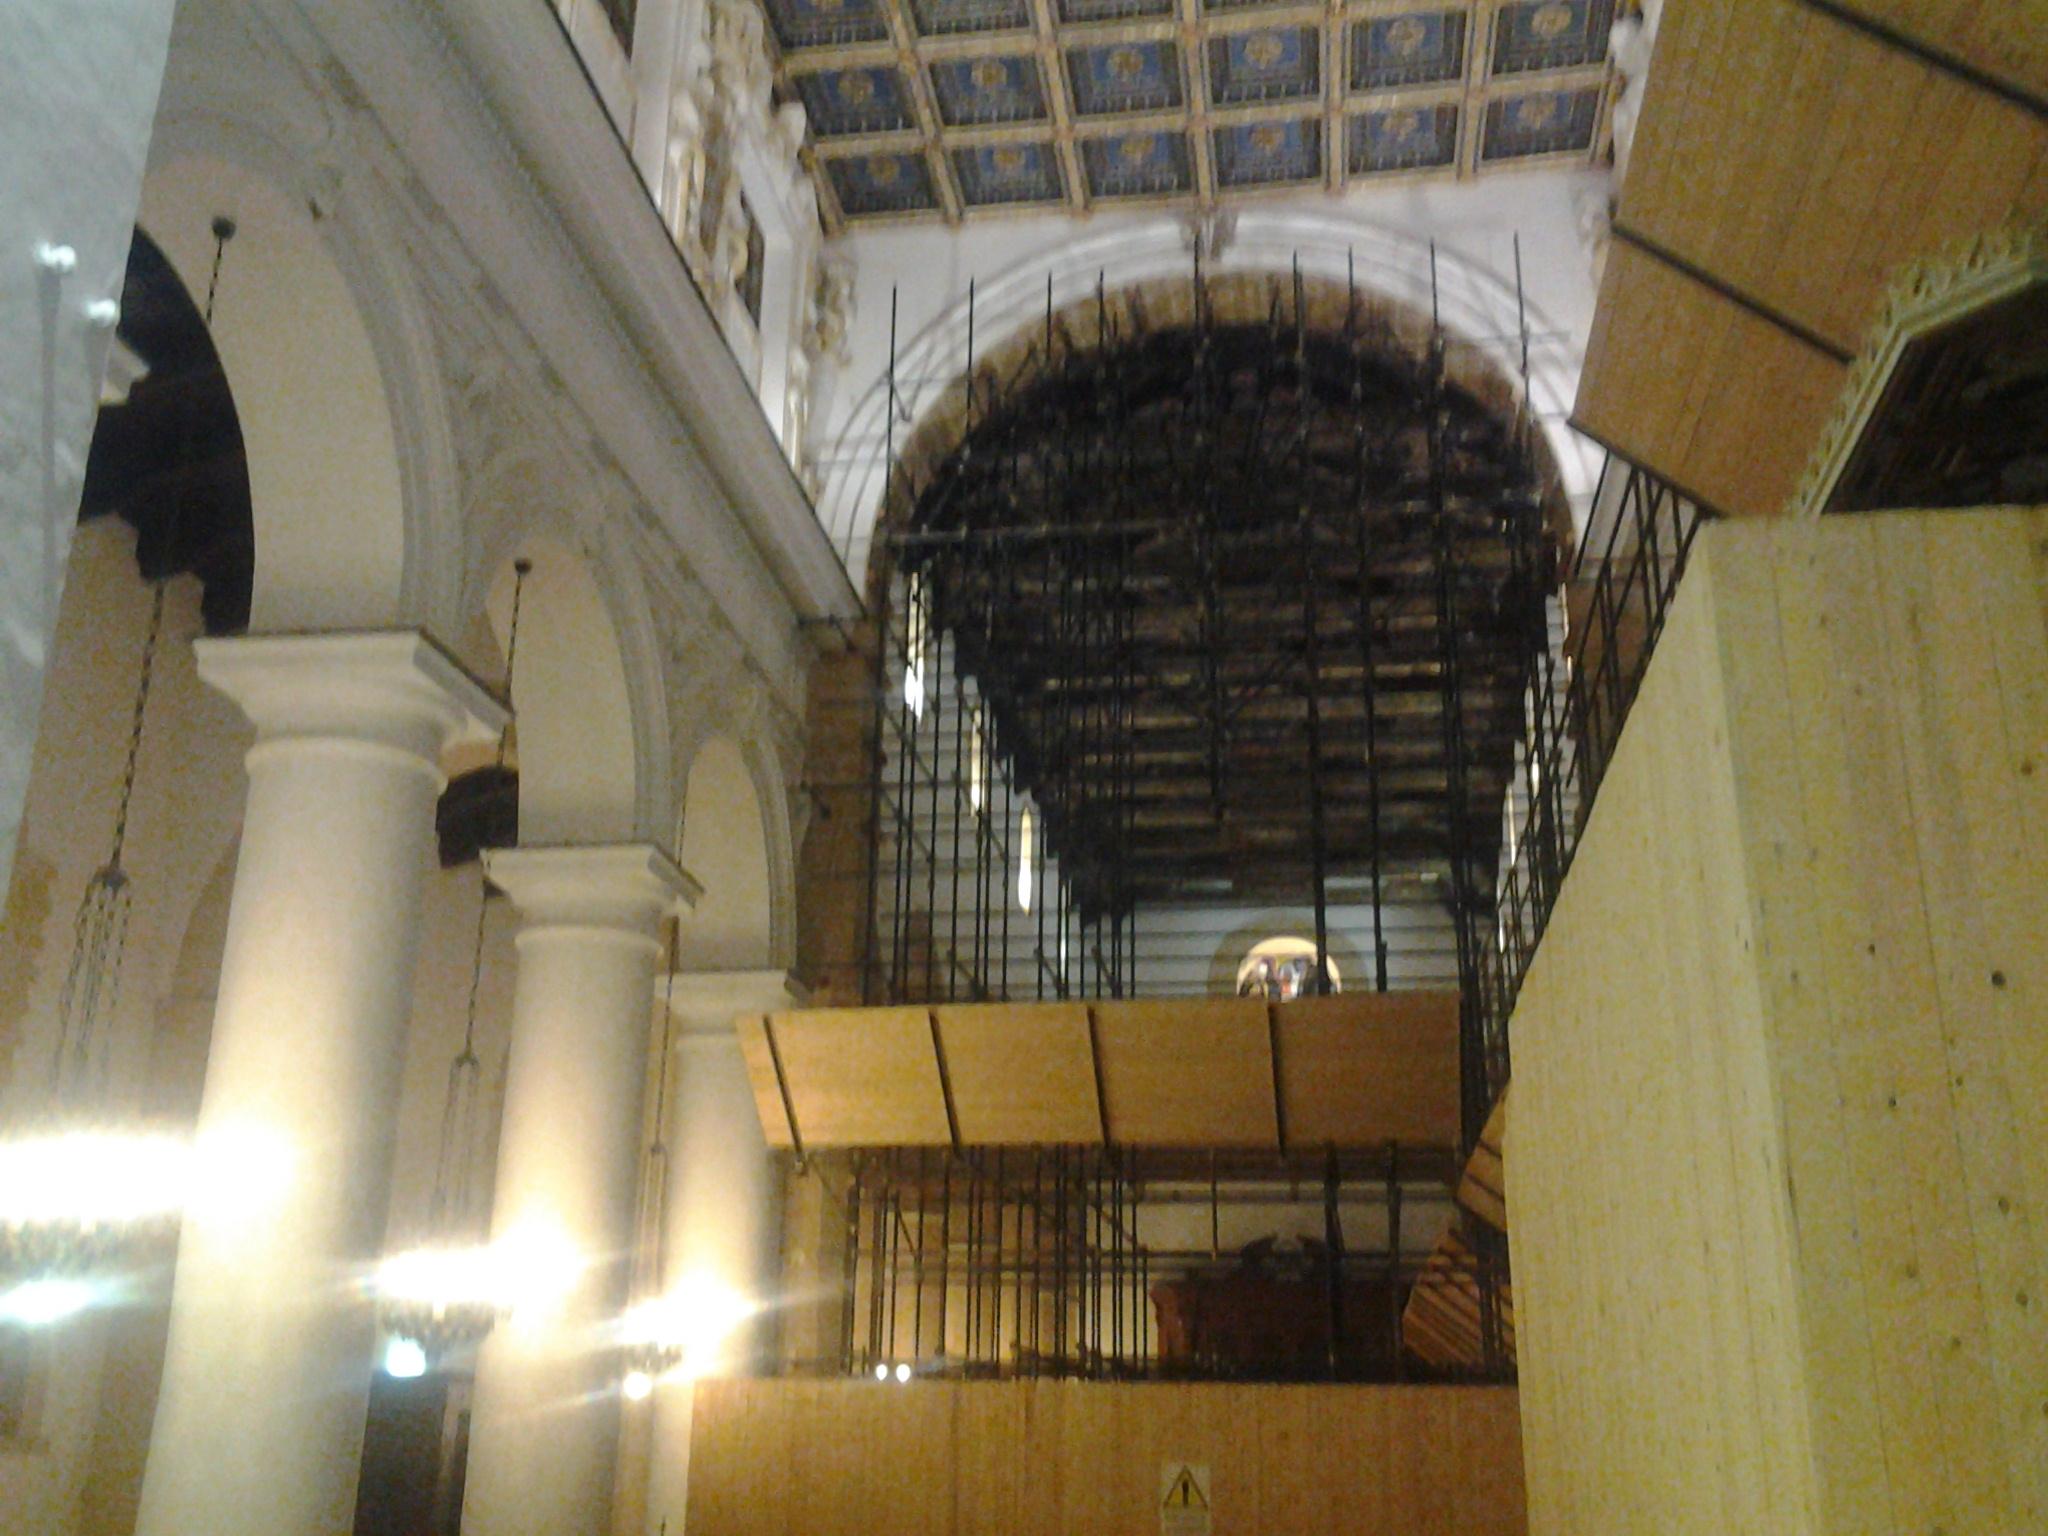 Cattedrale: nuova perizia sul colle di San Gerlando, inchiesta per omissioni e disastro colposo